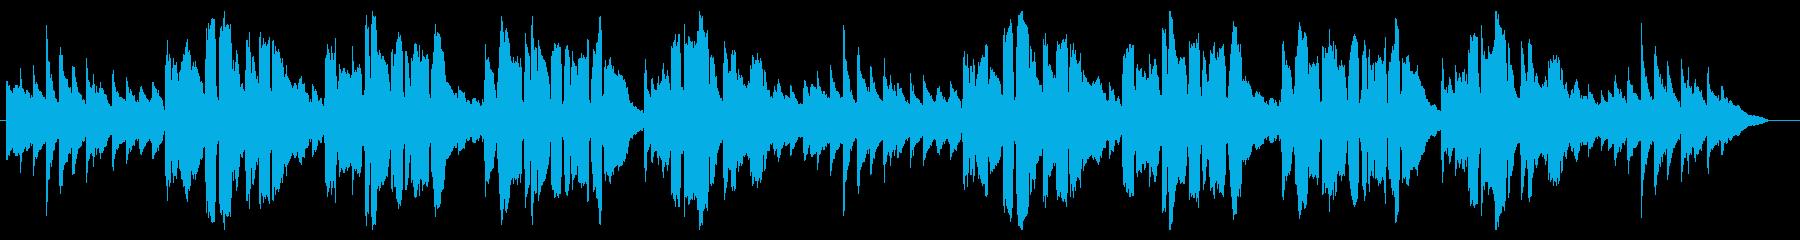 【童謡】こいのぼり ピアノ・女性ボーカルの再生済みの波形